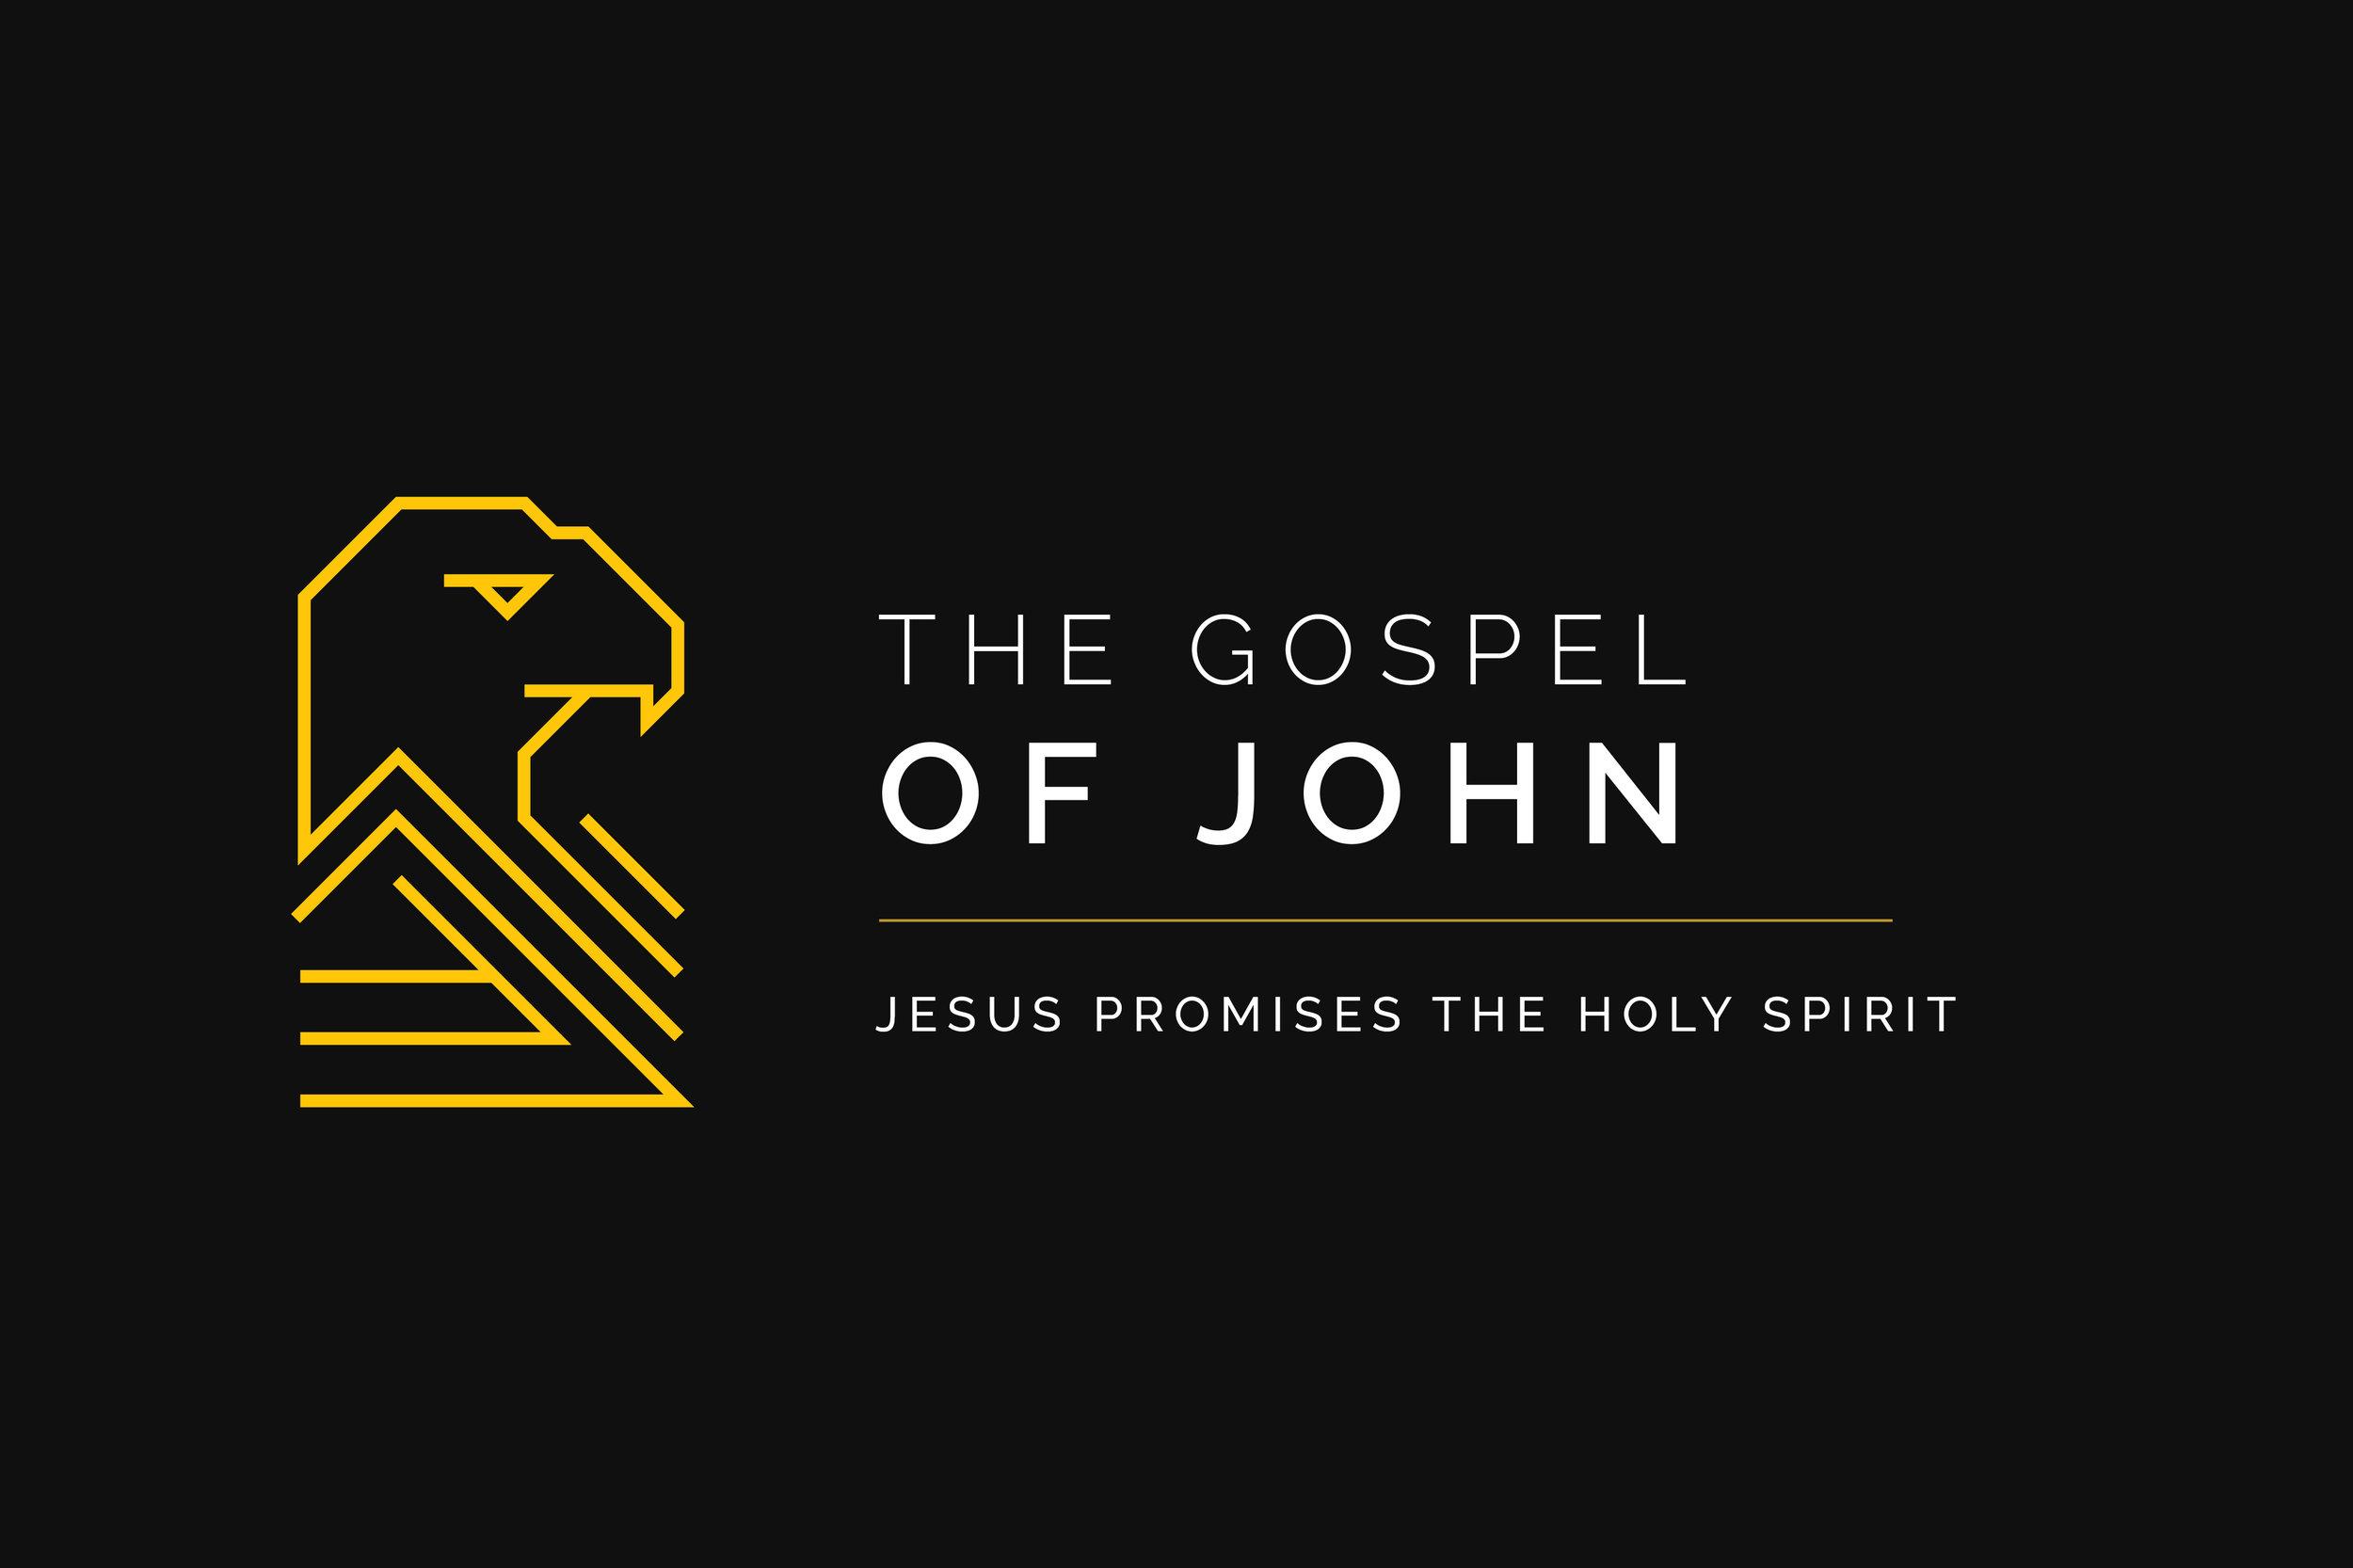 The-Gospel-of-John-Holy-Spirit.jpg